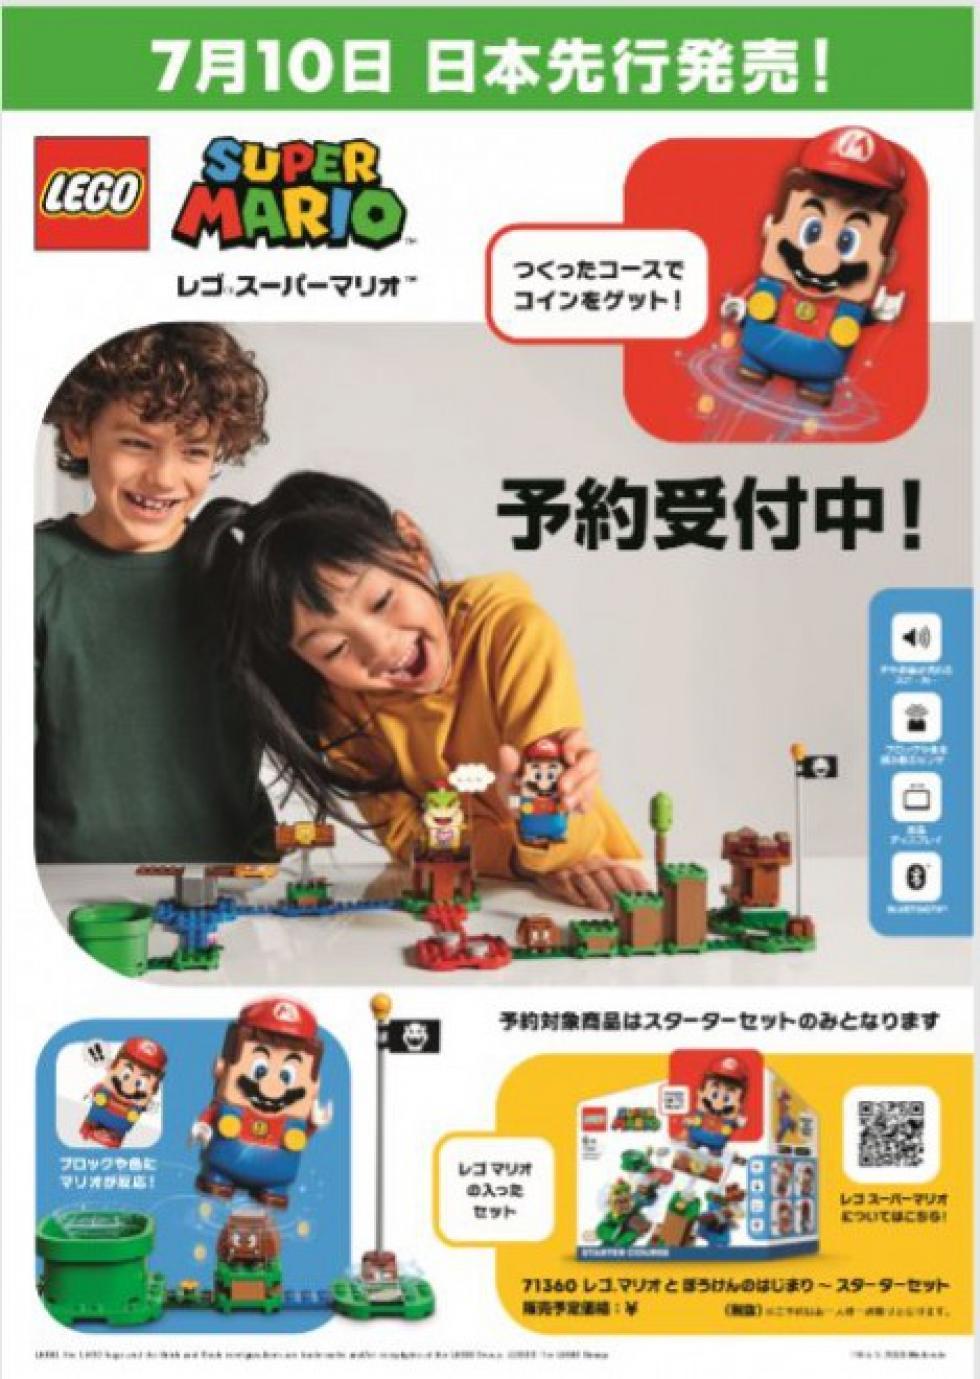 レゴ スーパーマリオ™ スターターセット予約受付中!